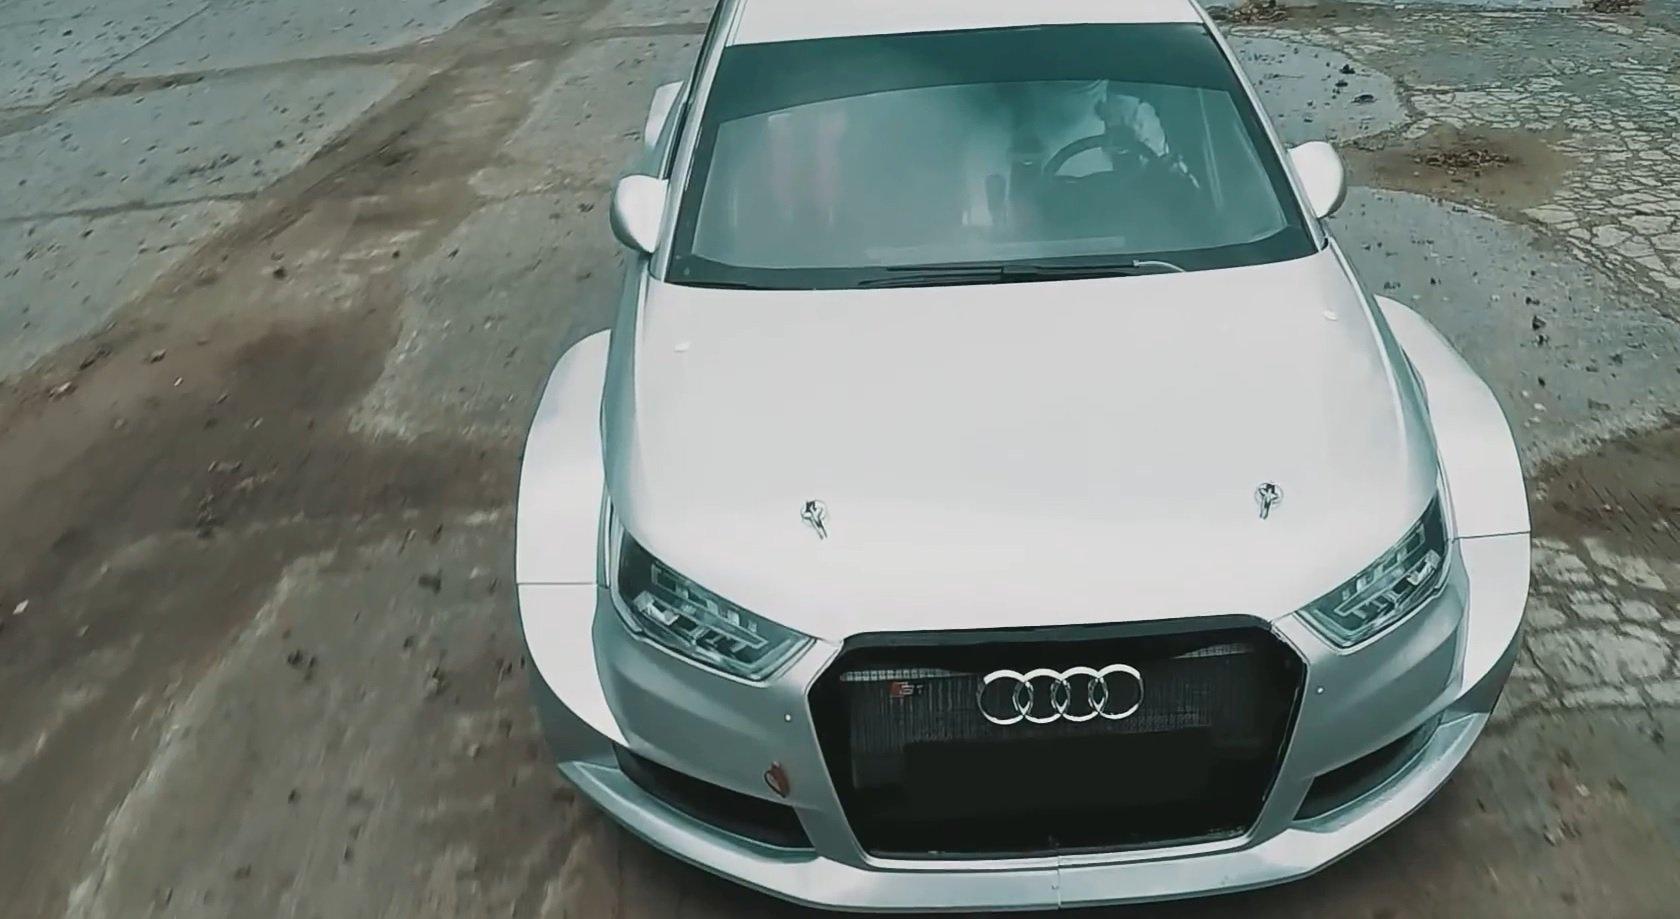 Раллийный 600 сильный монстр Audi S1 vs радиоуправляемой модели [Видео]